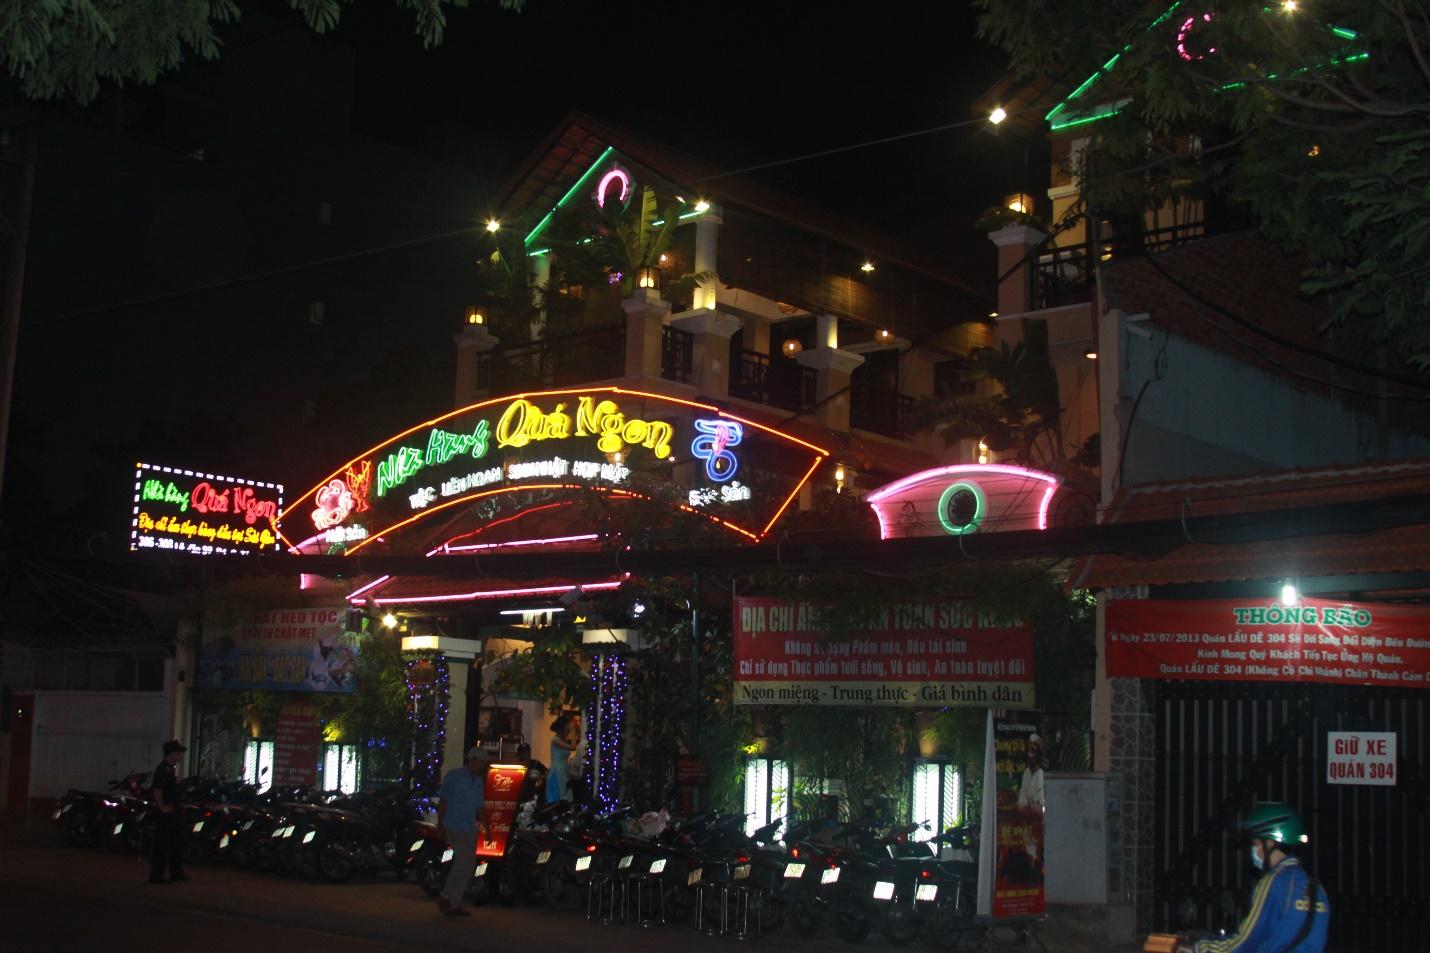 Tại sao Nhà hàng Quá Ngon lại nổi tiếng